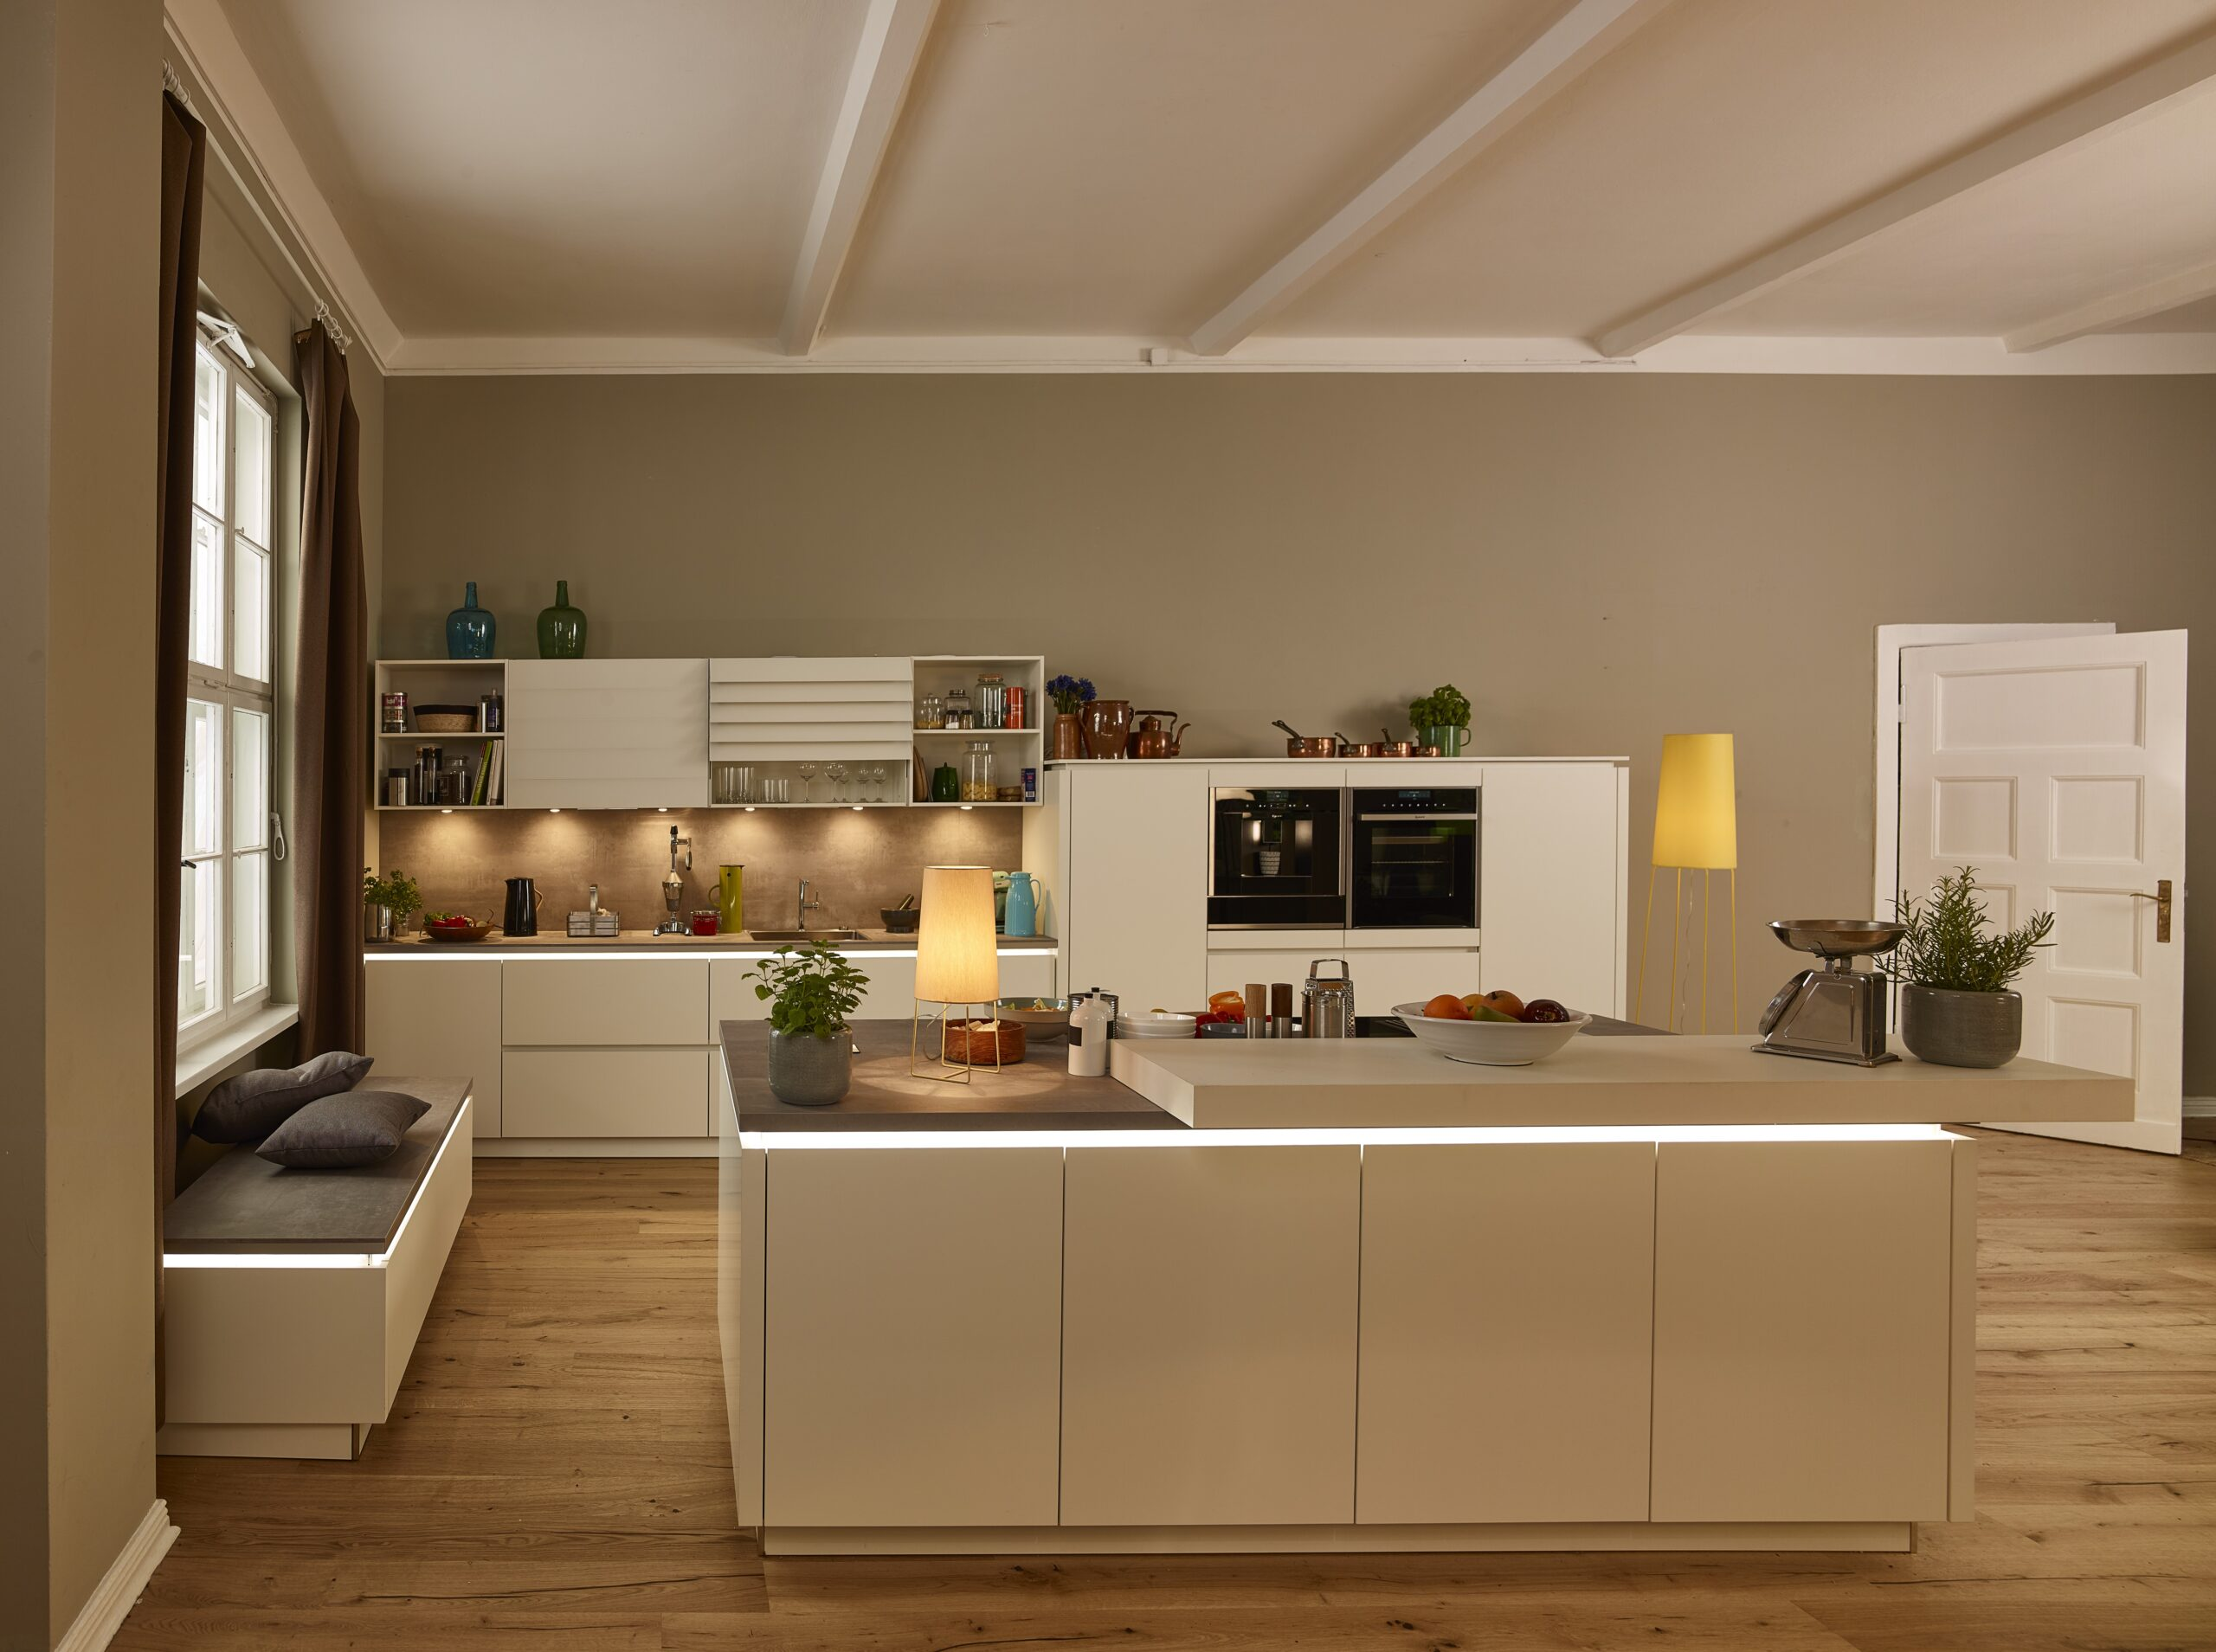 Full Size of Küchenschrank Griffe Grifflose Kche Welche Gestaltungsmglichkeiten Gibt Es Küche Möbelgriffe Wohnzimmer Küchenschrank Griffe